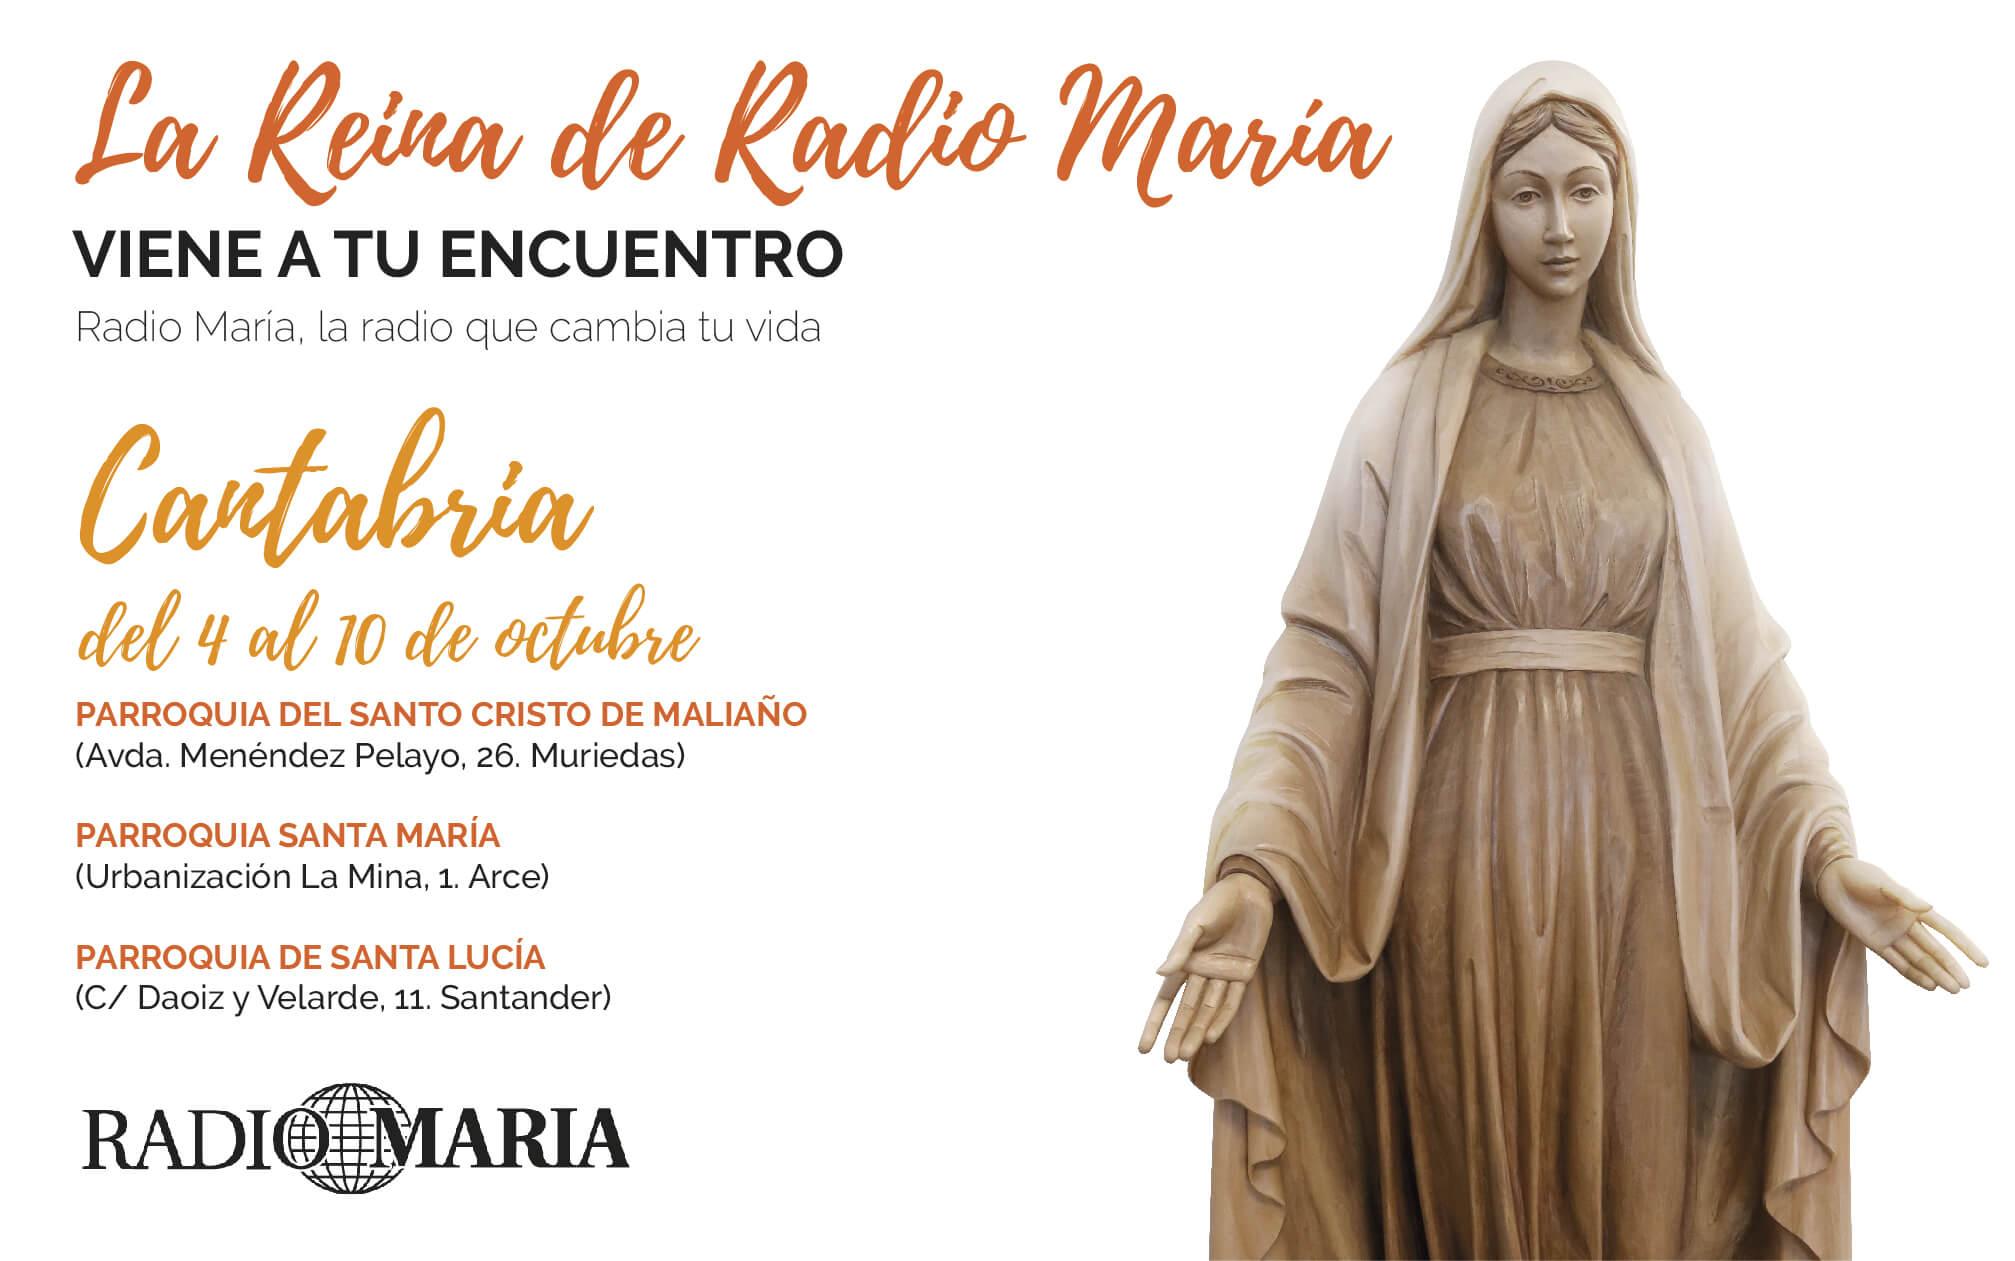 La Reina de Radio María en Cantabria